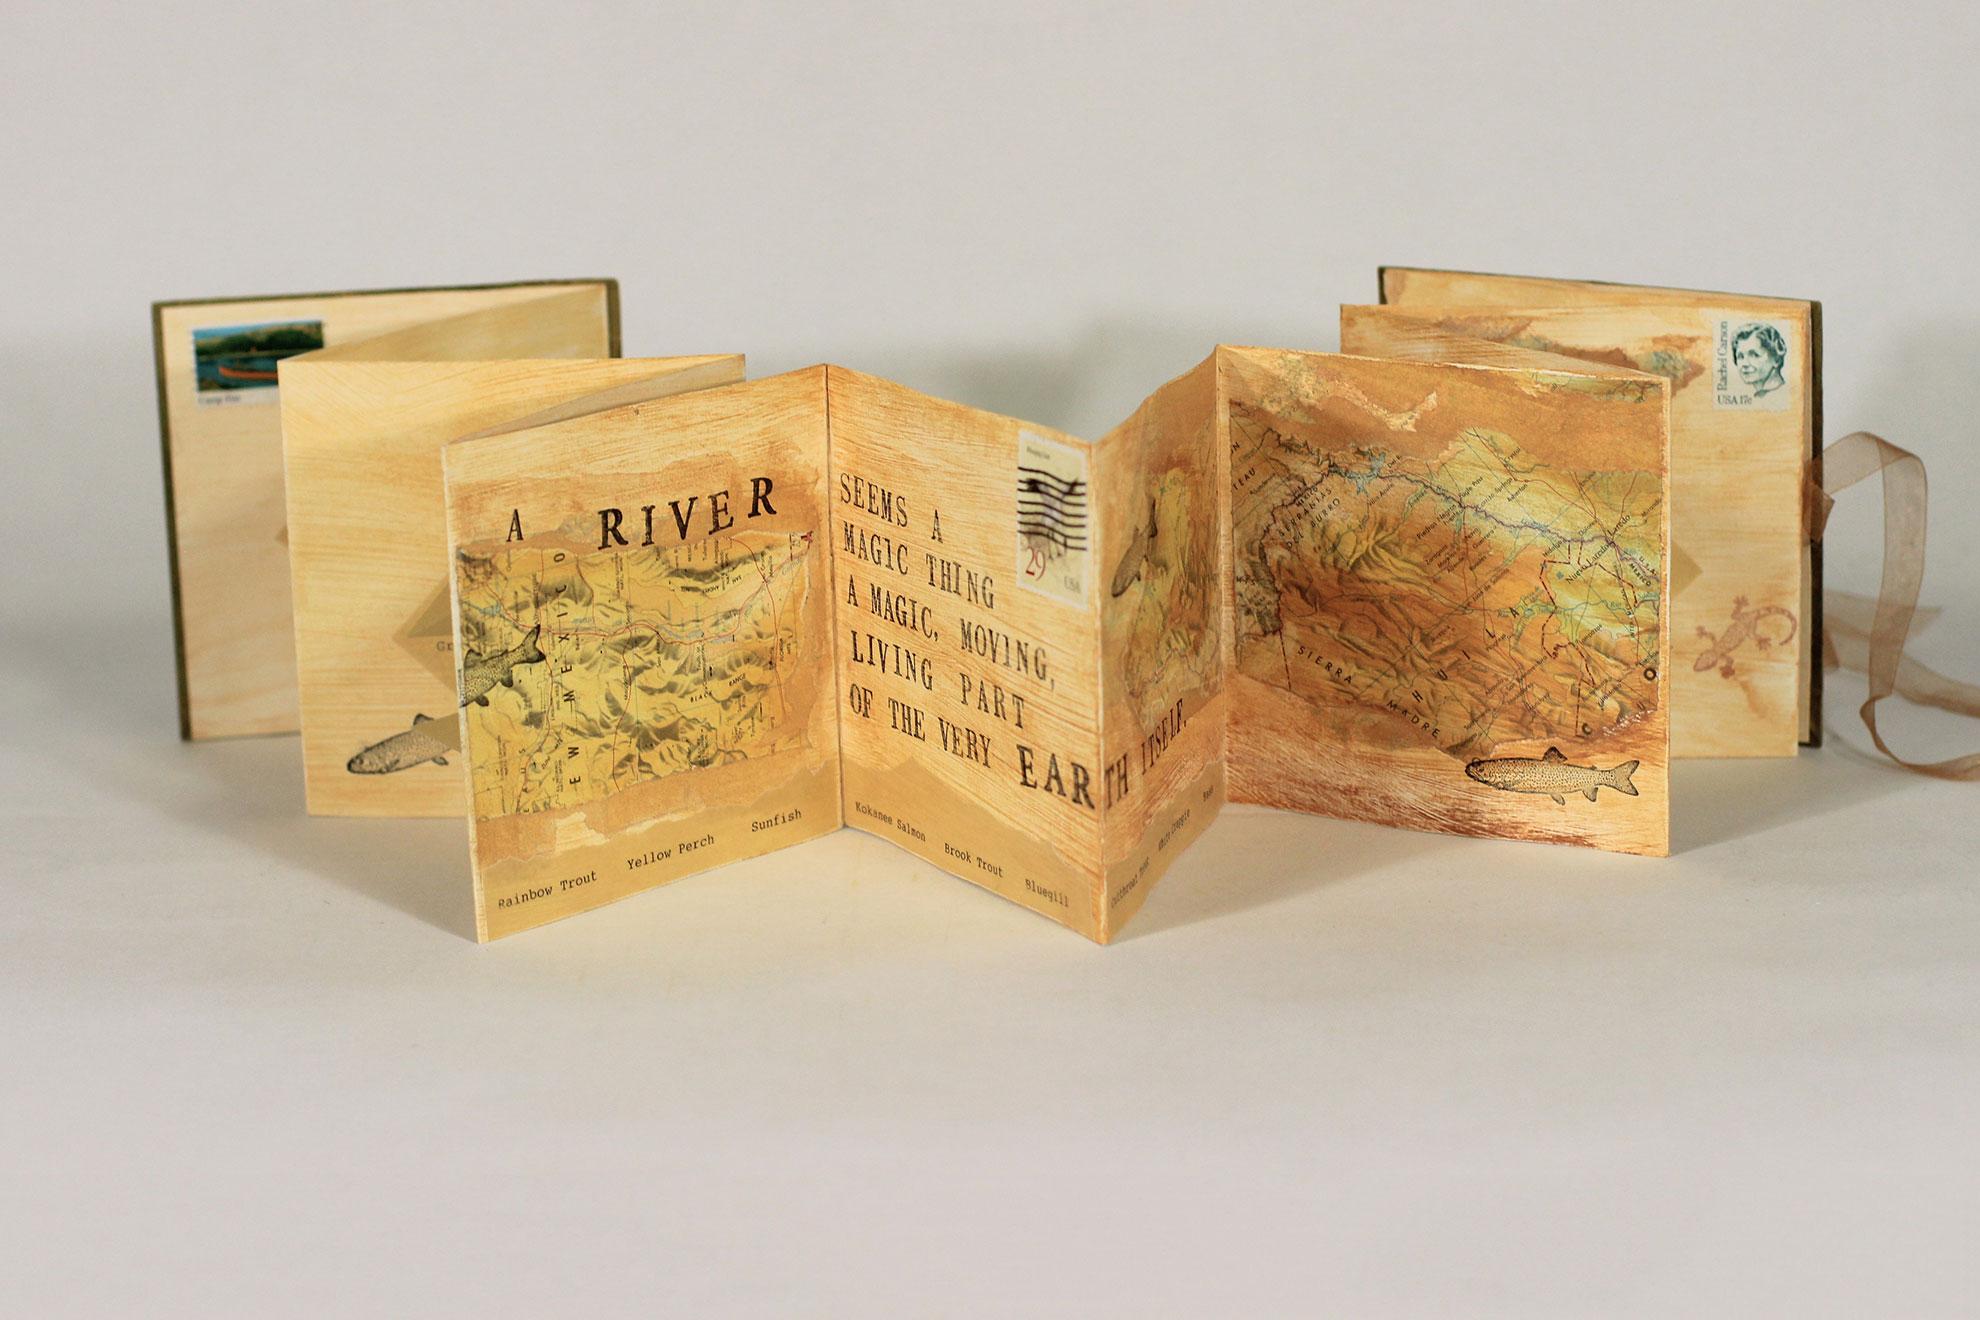 Geri Michelli, River, Mixed media, 2010, Rio Rancho, NM